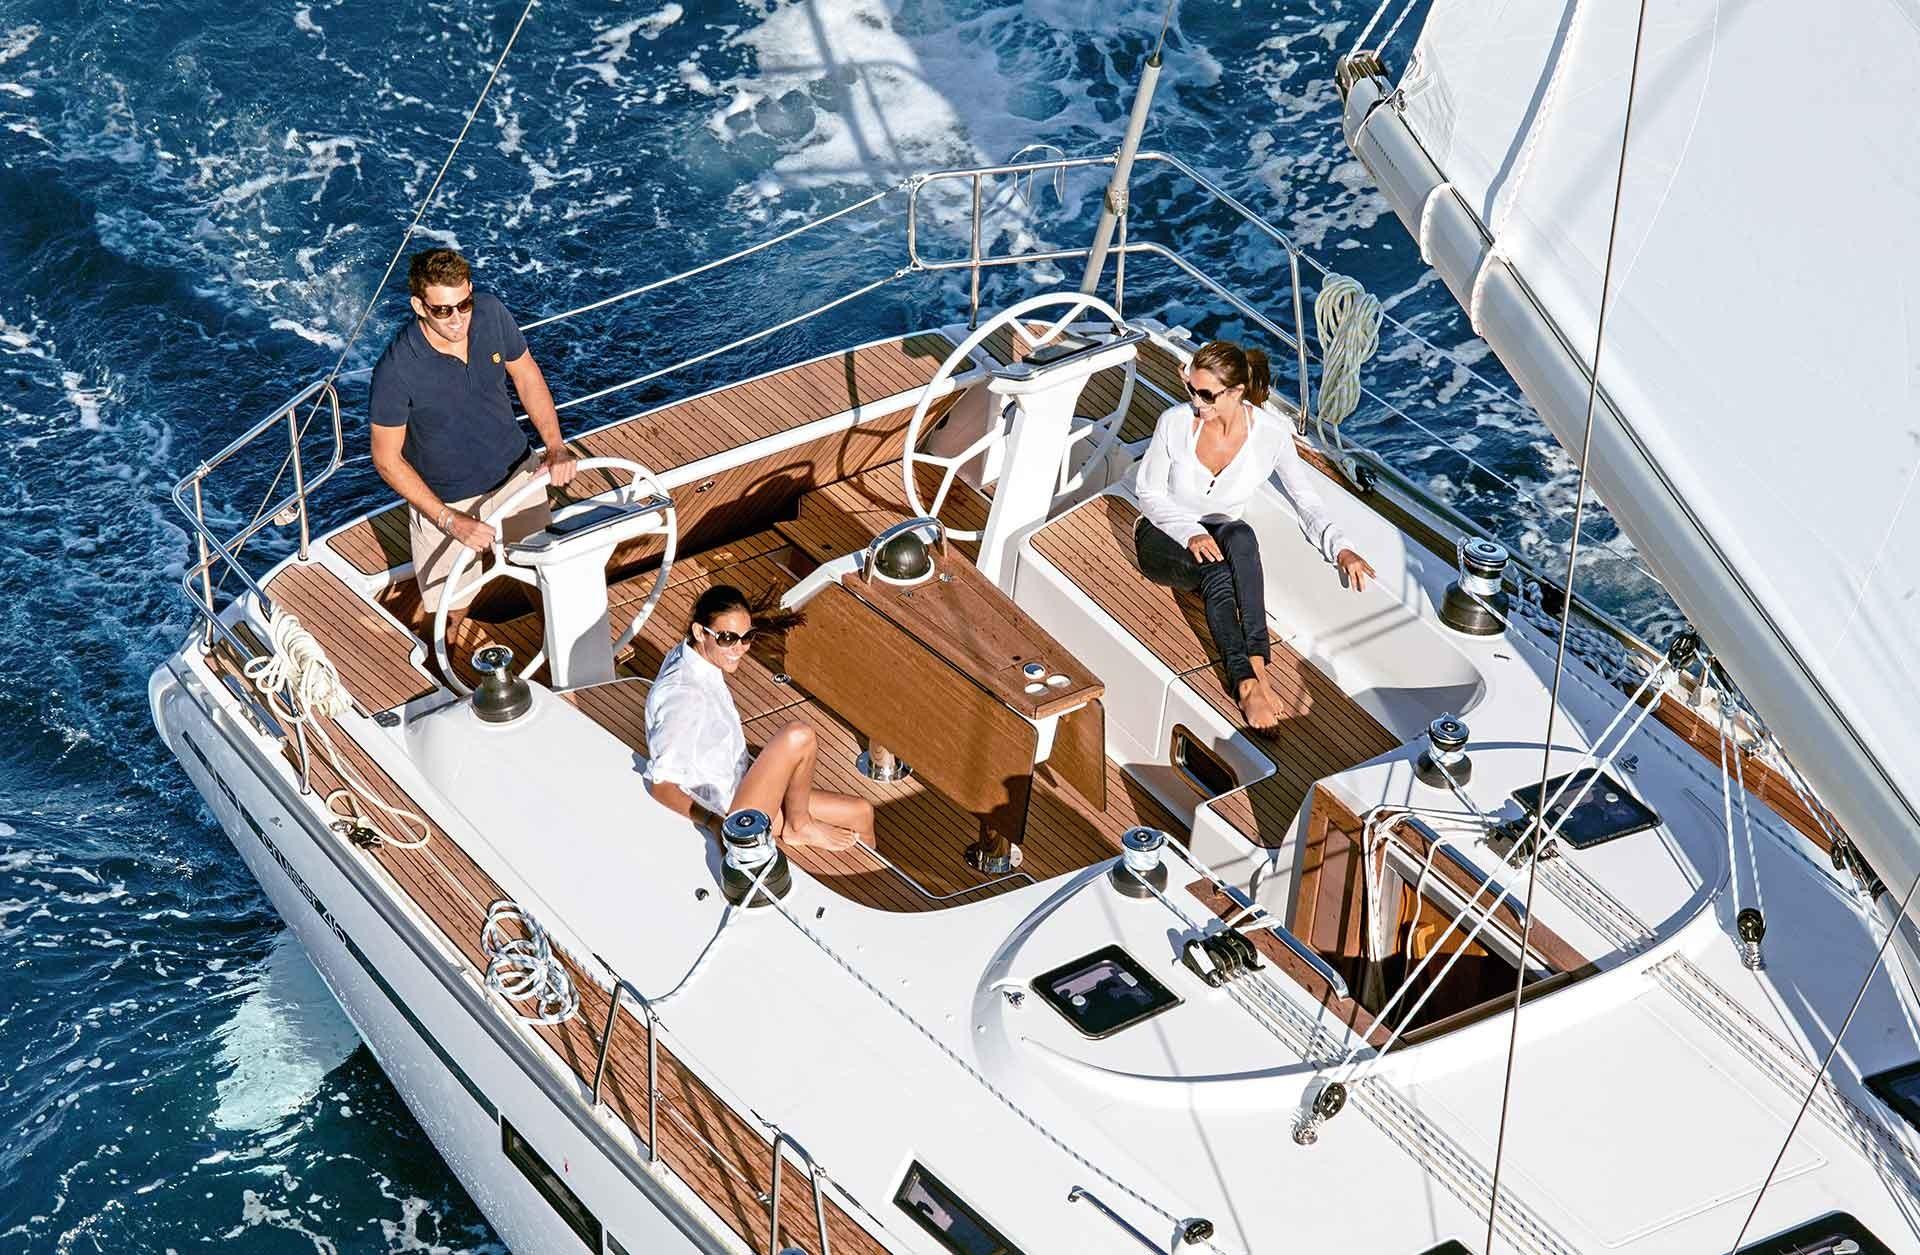 Bavaria Cruiser 46 Prestige - Sailing Yacht- Bavaria Cruiser 46 (4Cab)